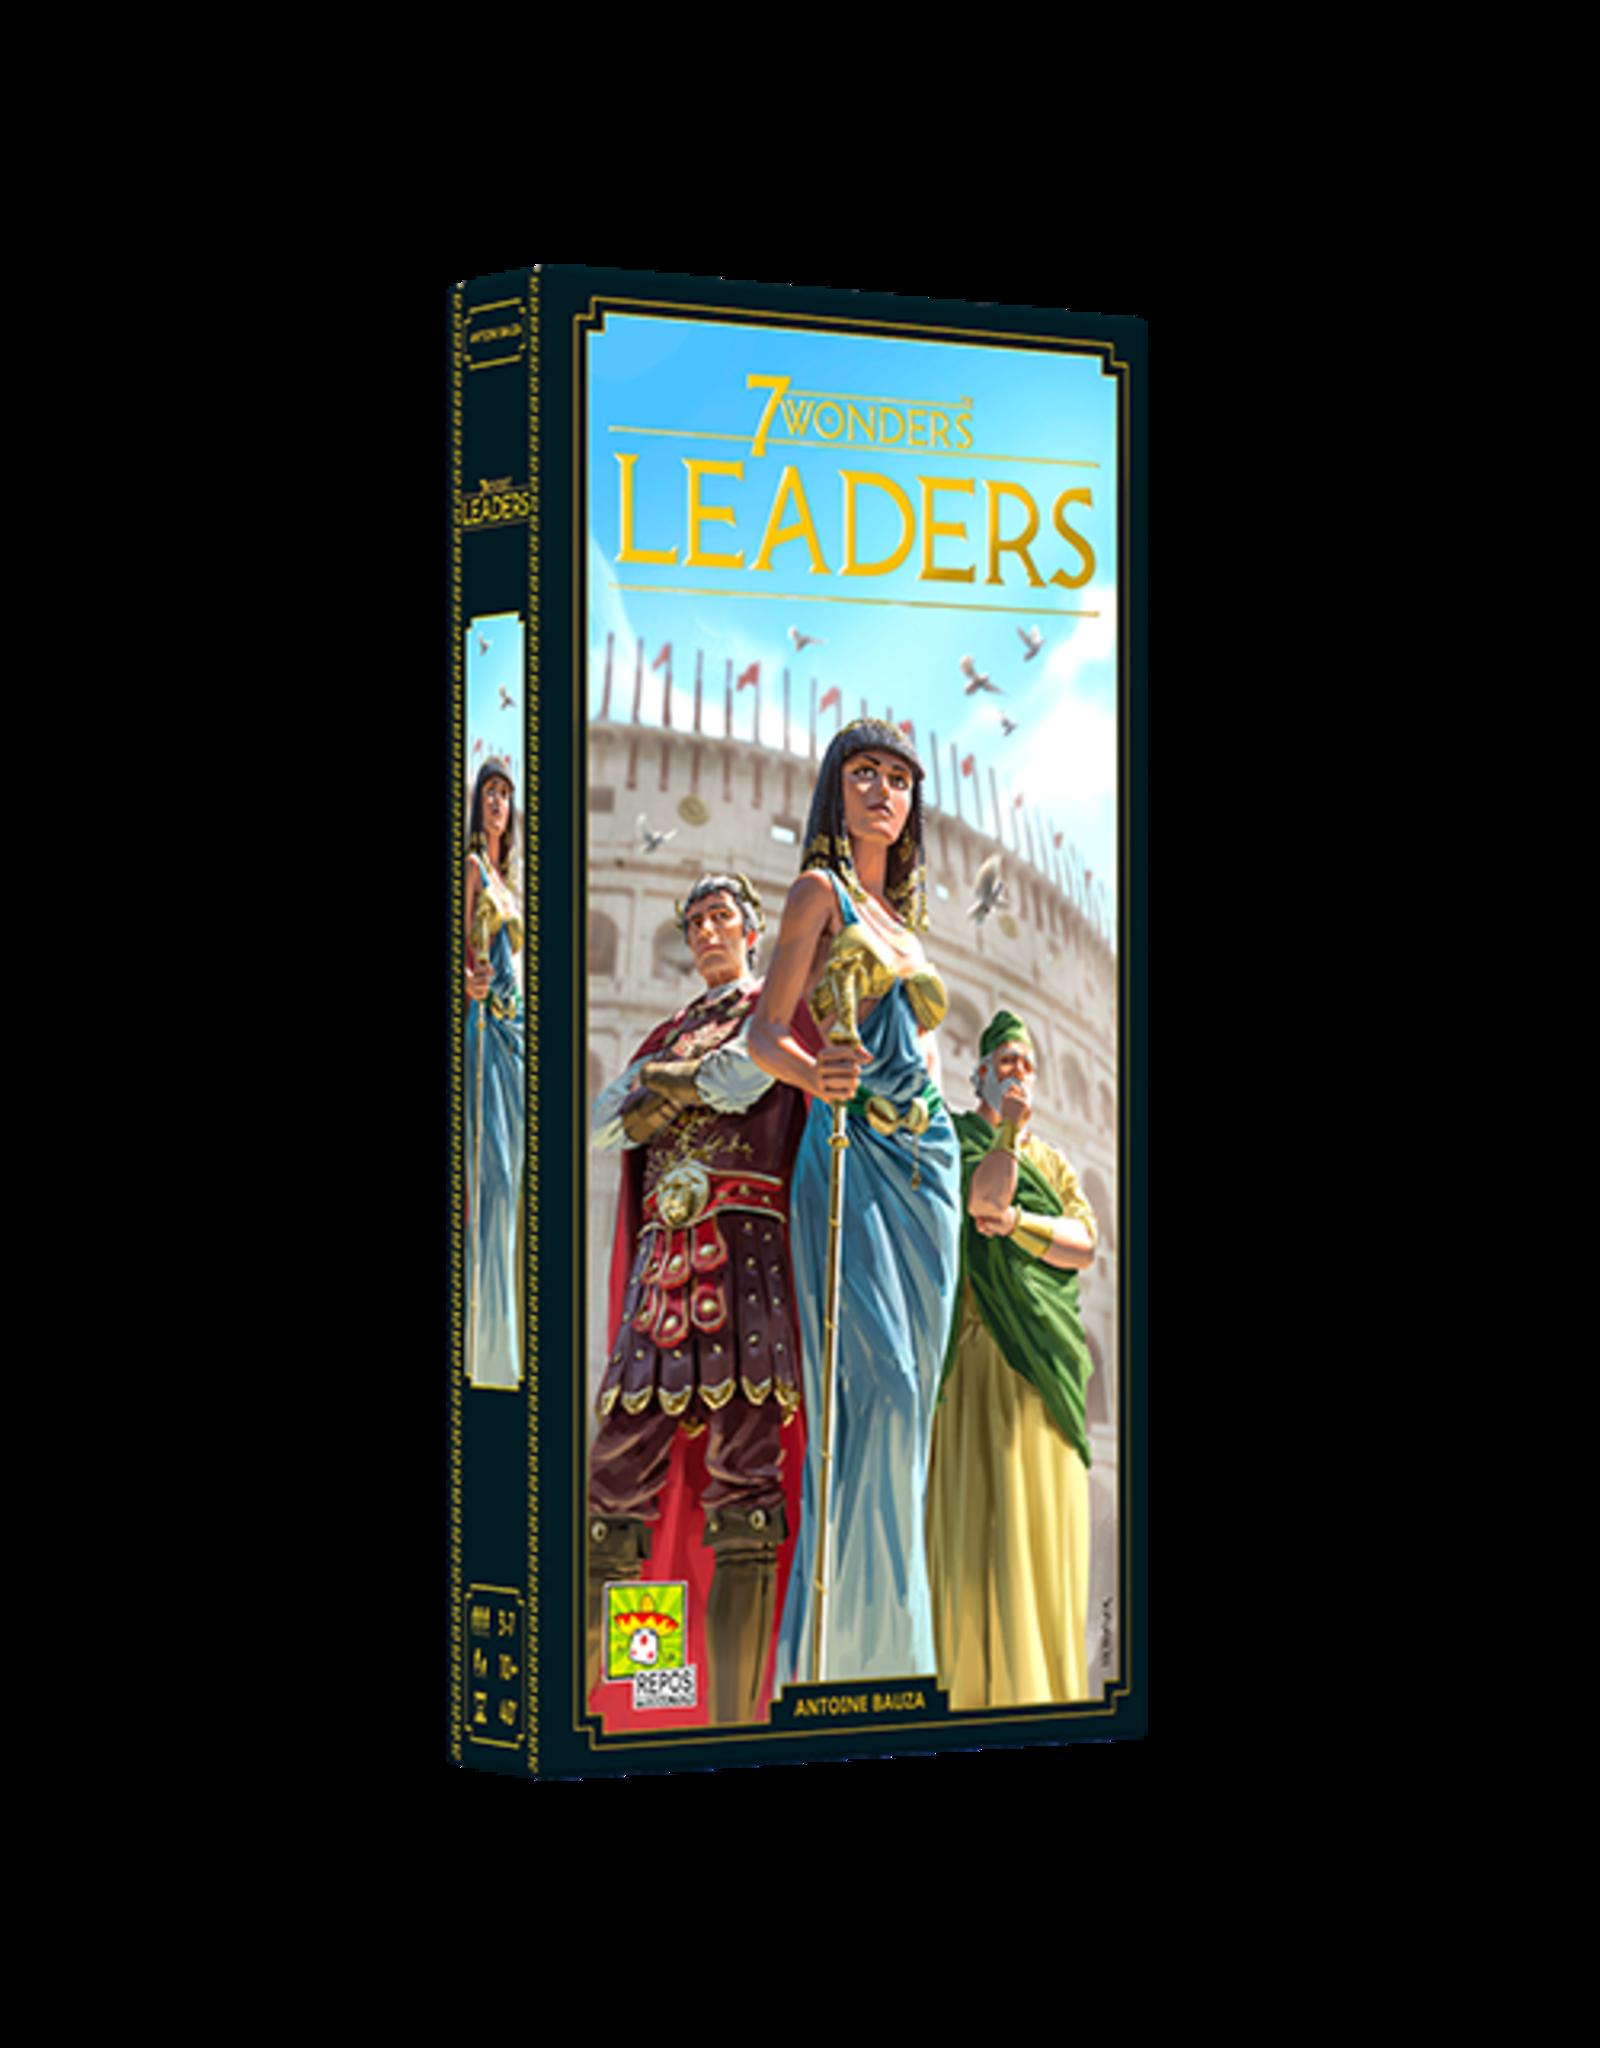 Repos Production 7 Wonders: Leaders